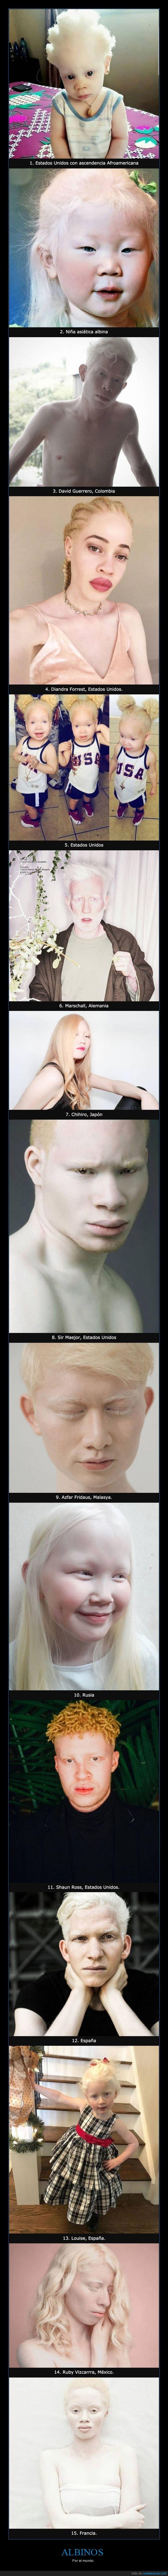 albinos,mundo,nacionalidades